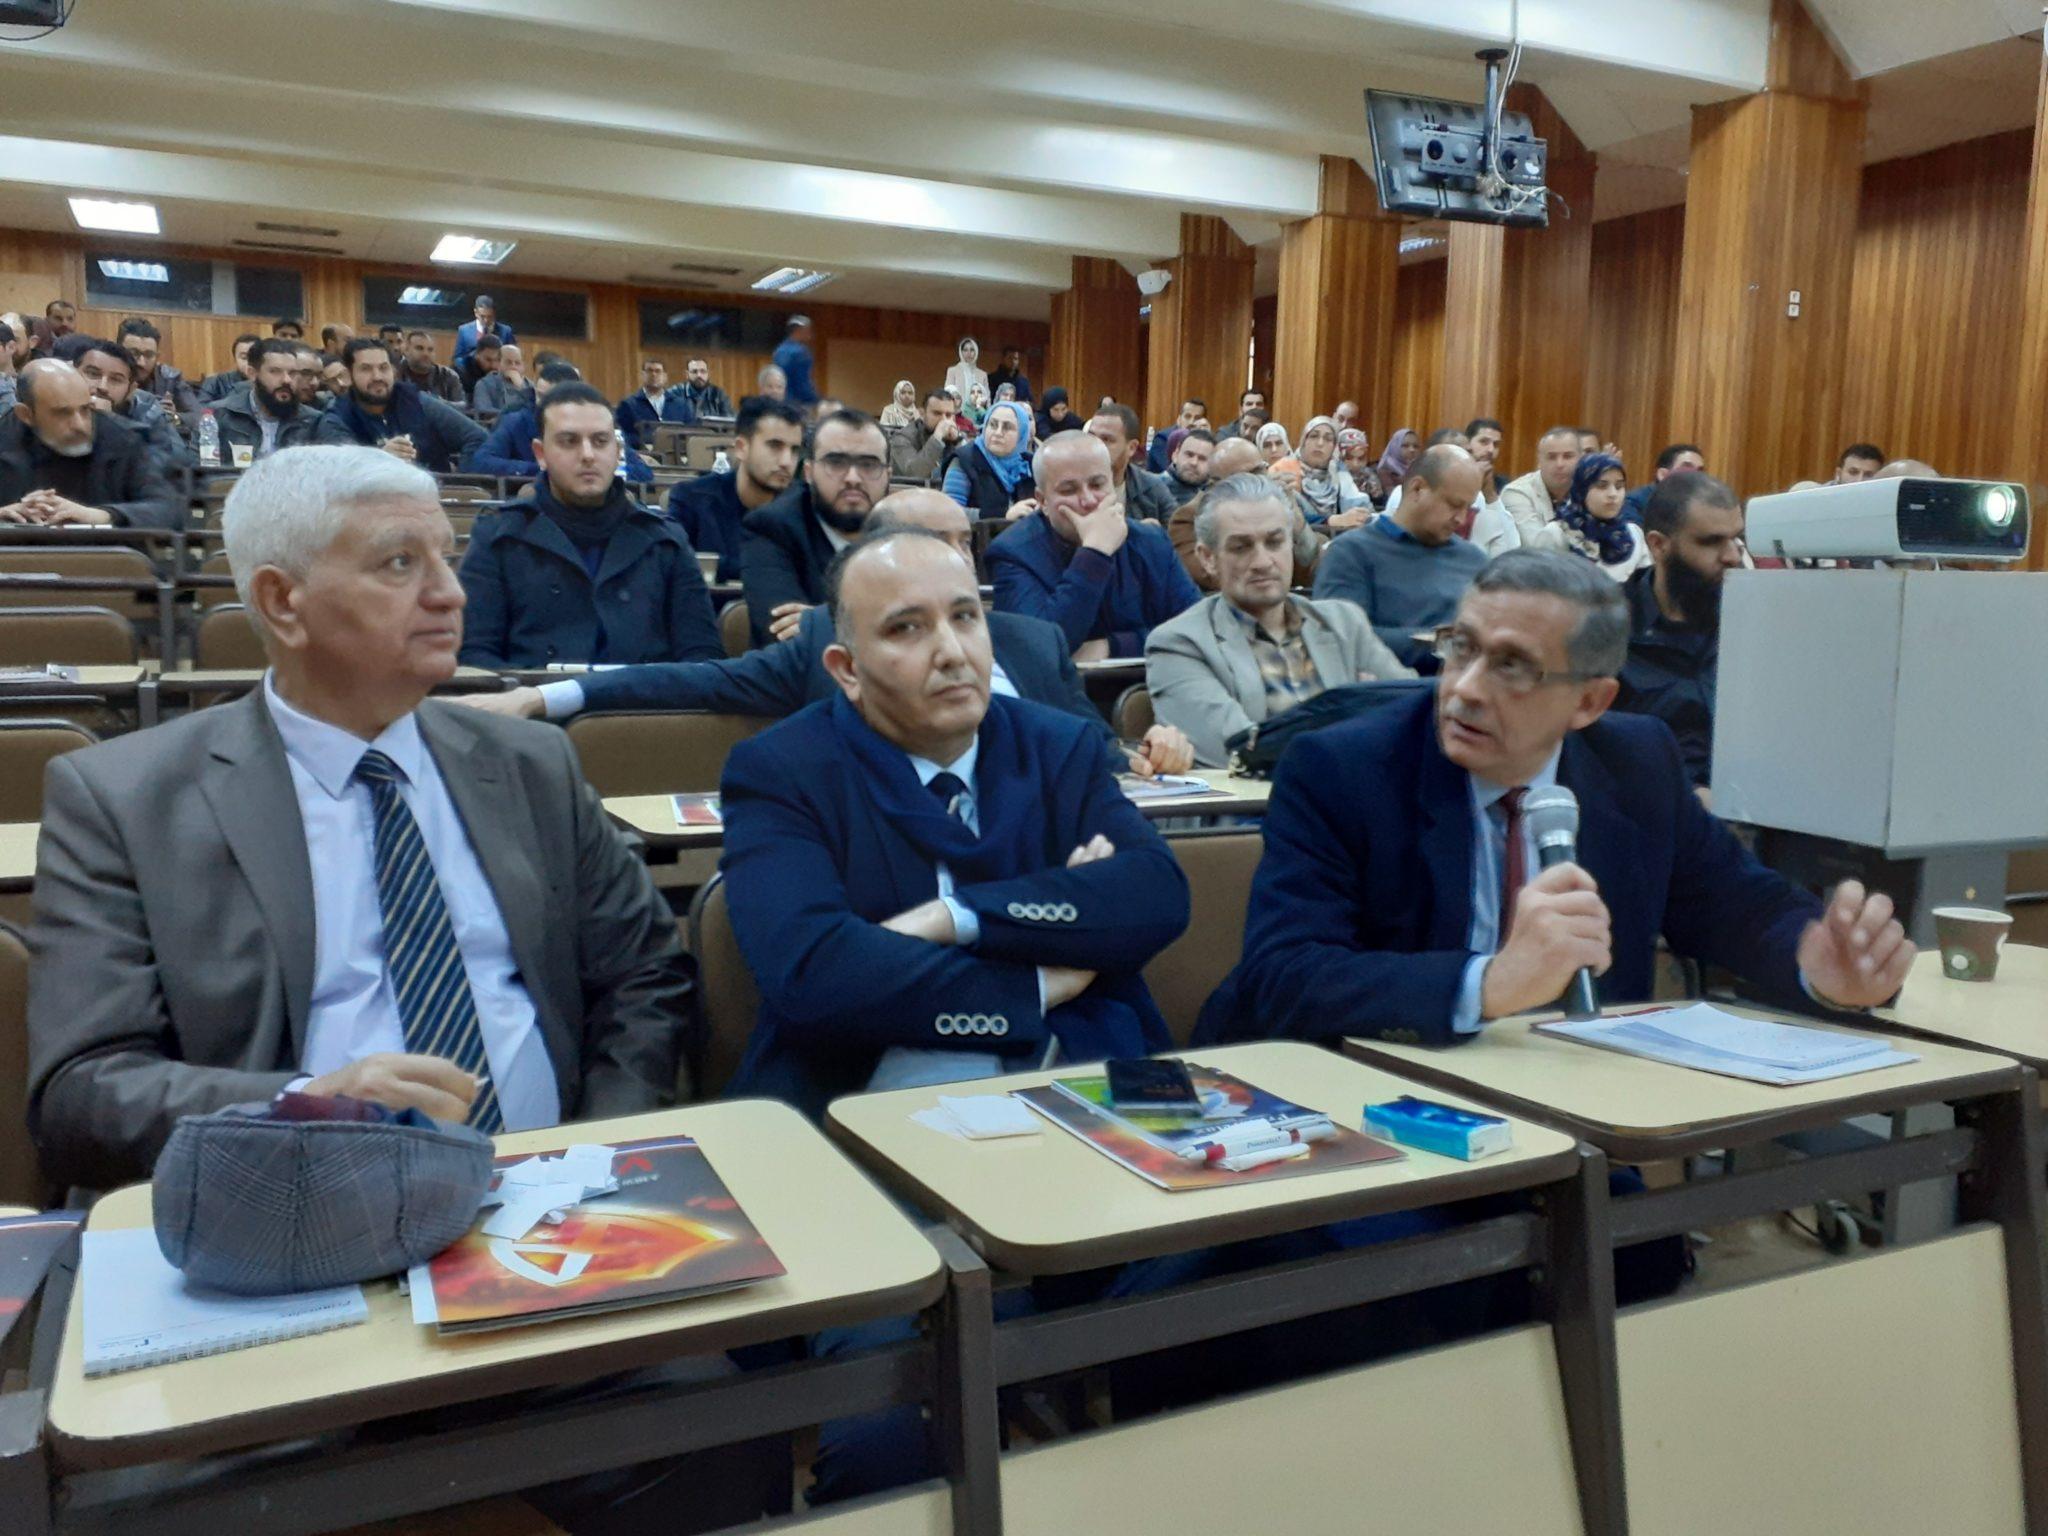 انطلاق البرنامج العلمي لأطباء جراحة العظام في مستشفيات طرابلس